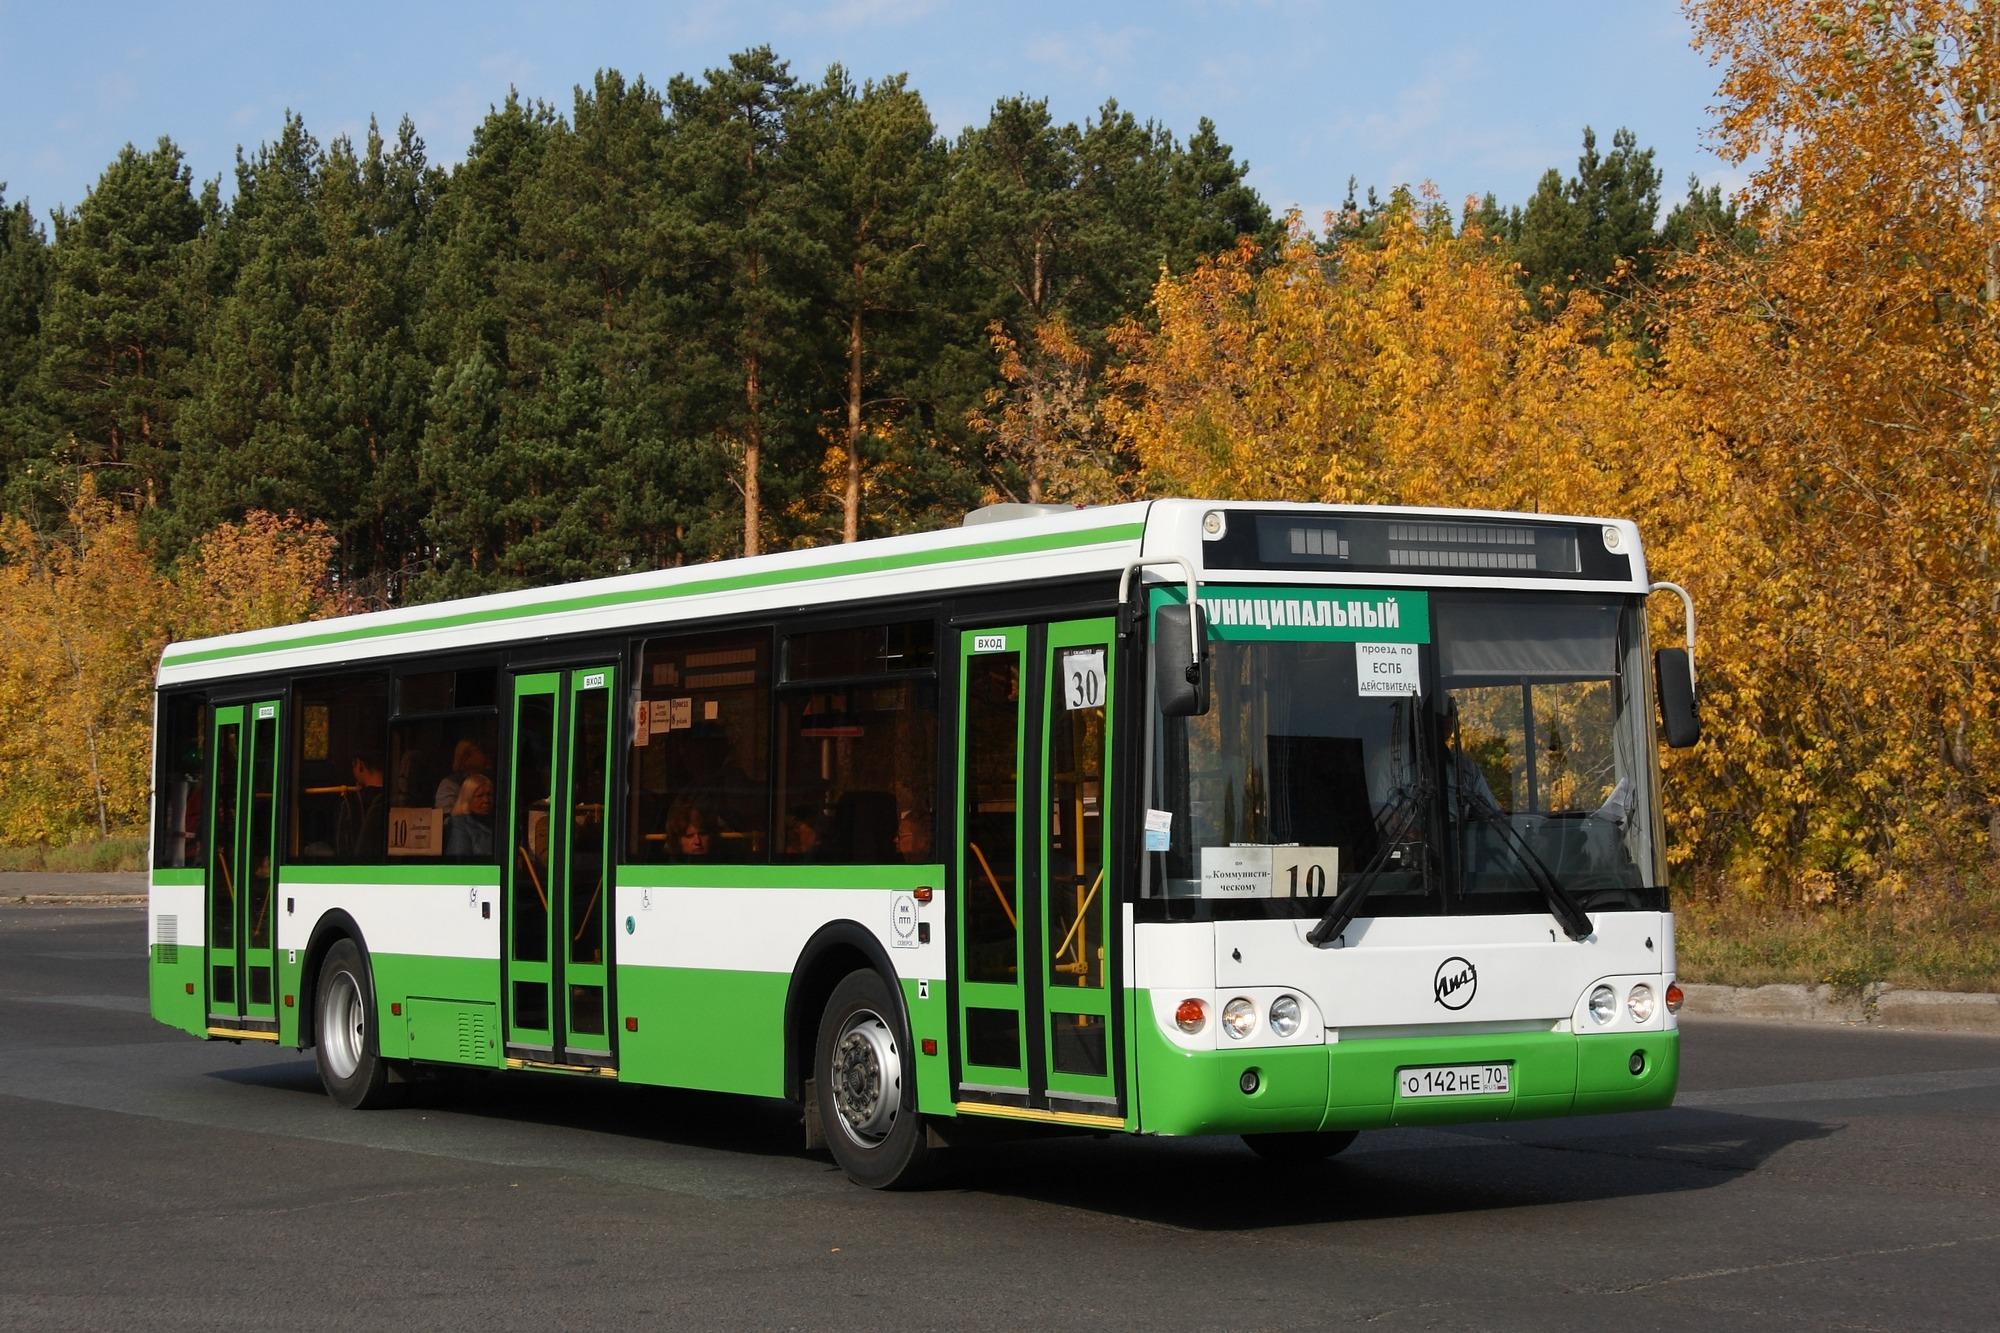 кажется, что новые автобусы лиаз фото чтобы решетка была